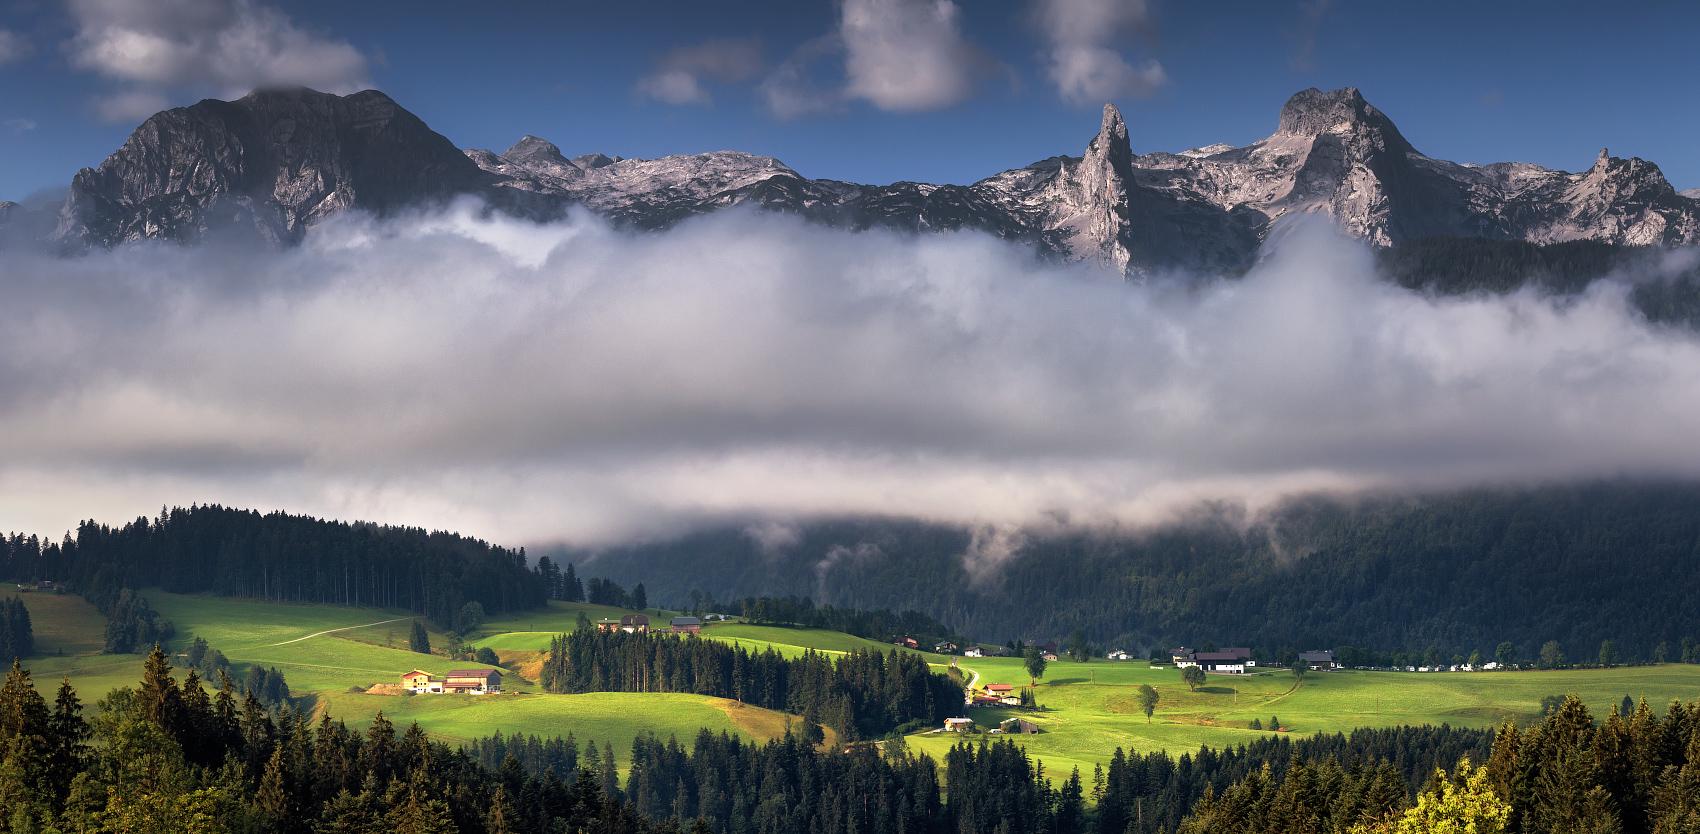 Красота австрийских пейзажей не омрачается редкой облачностью